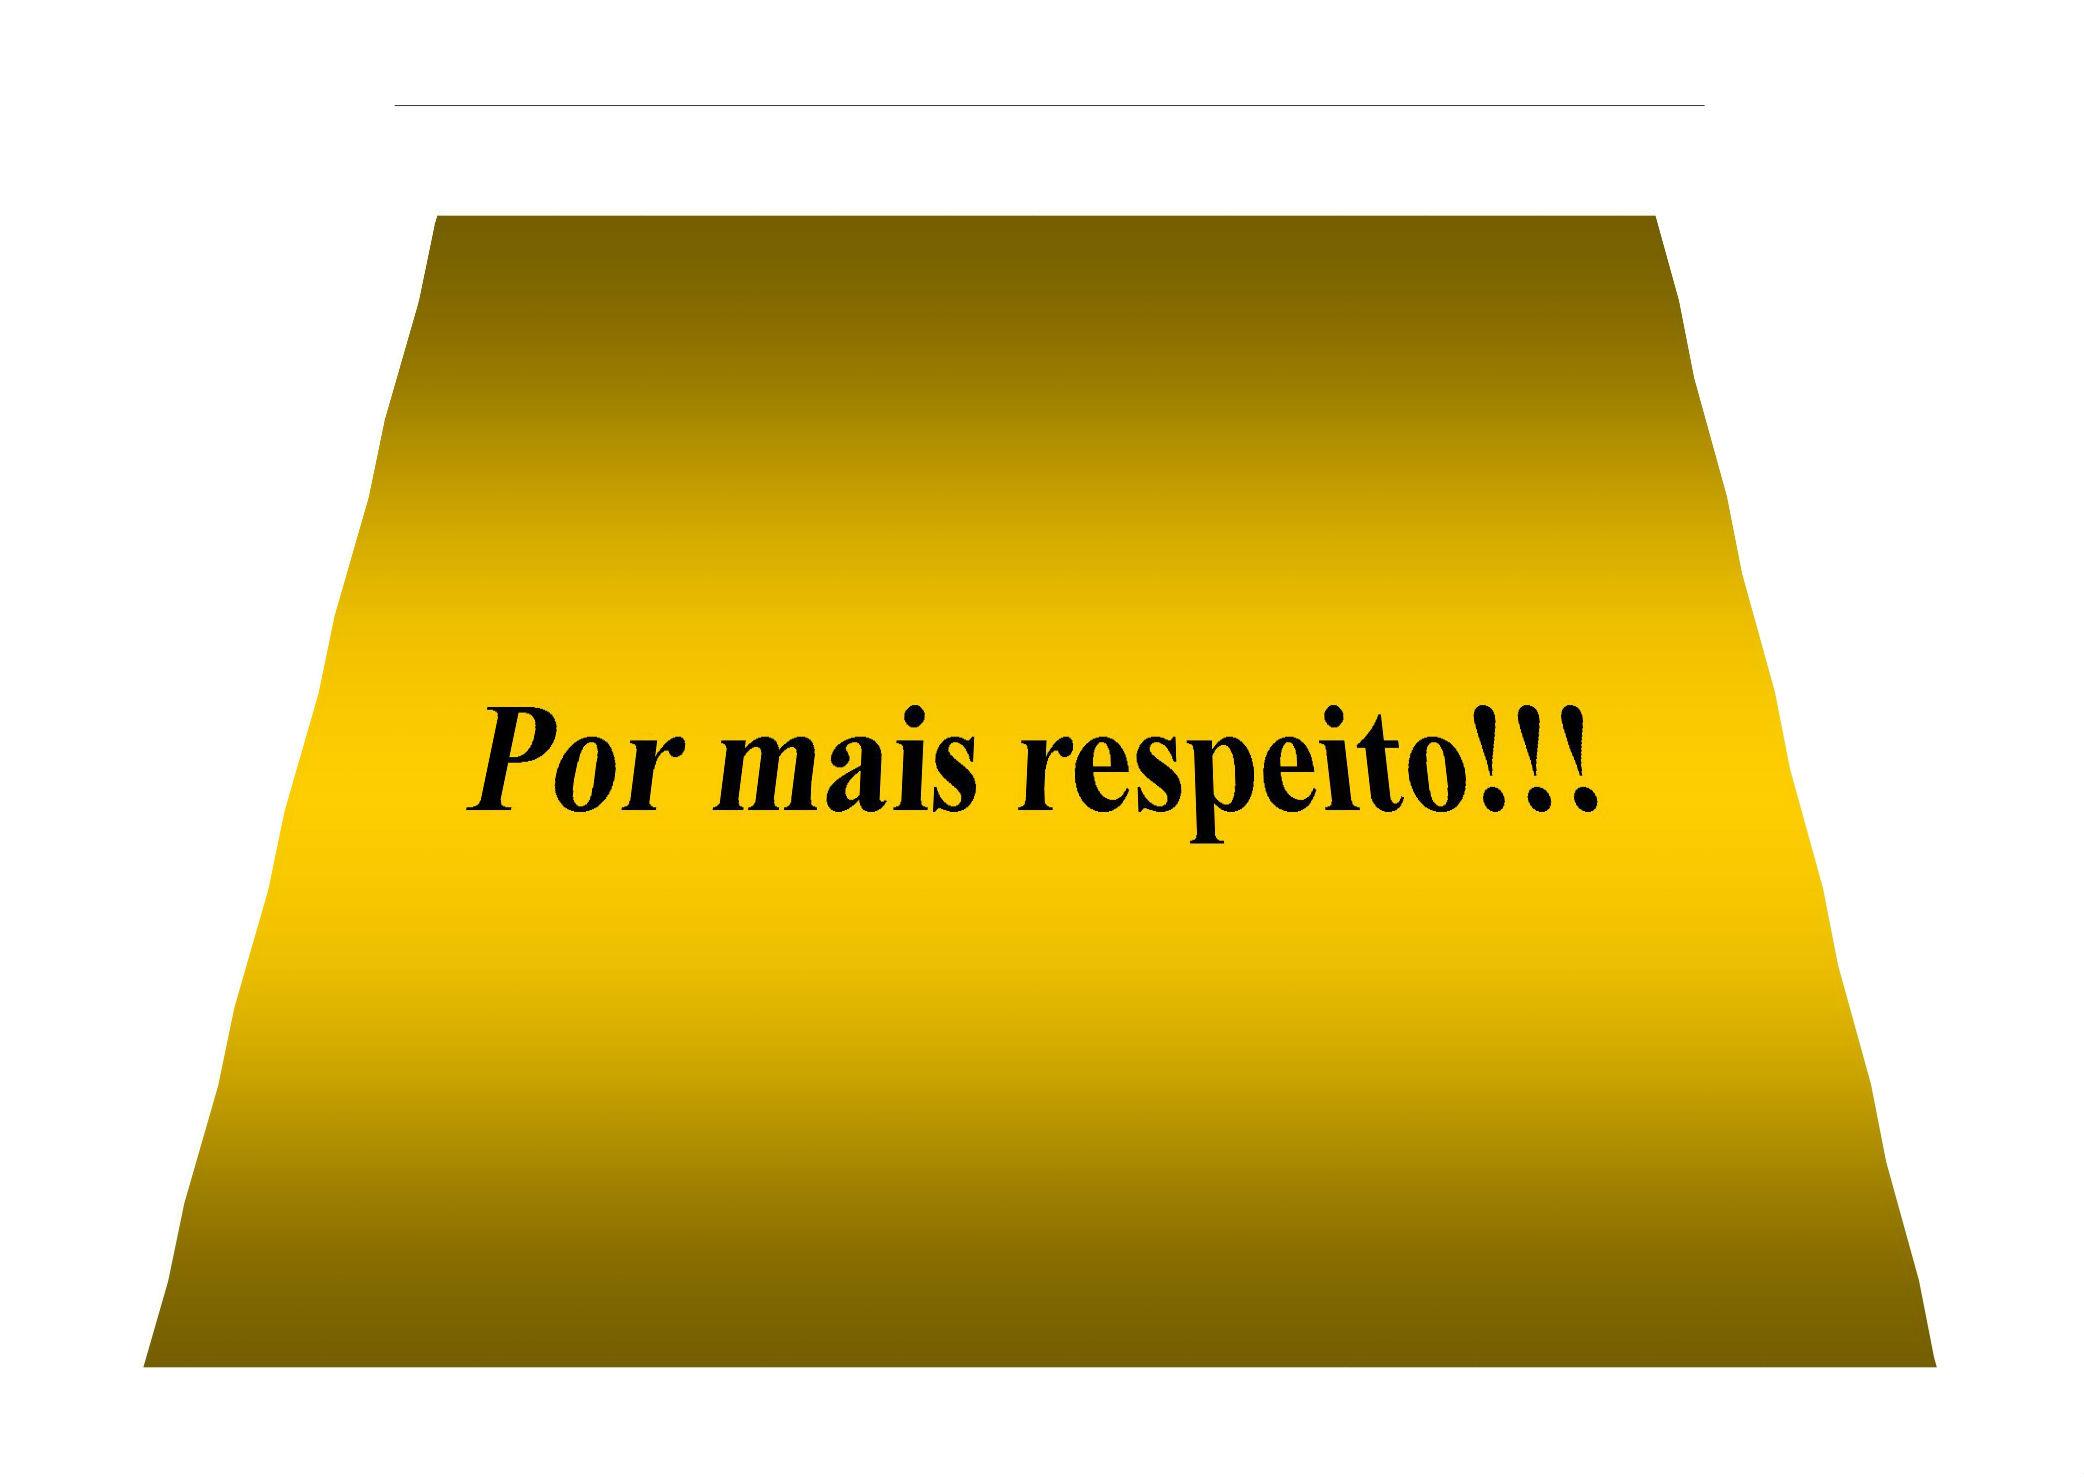 respeito2